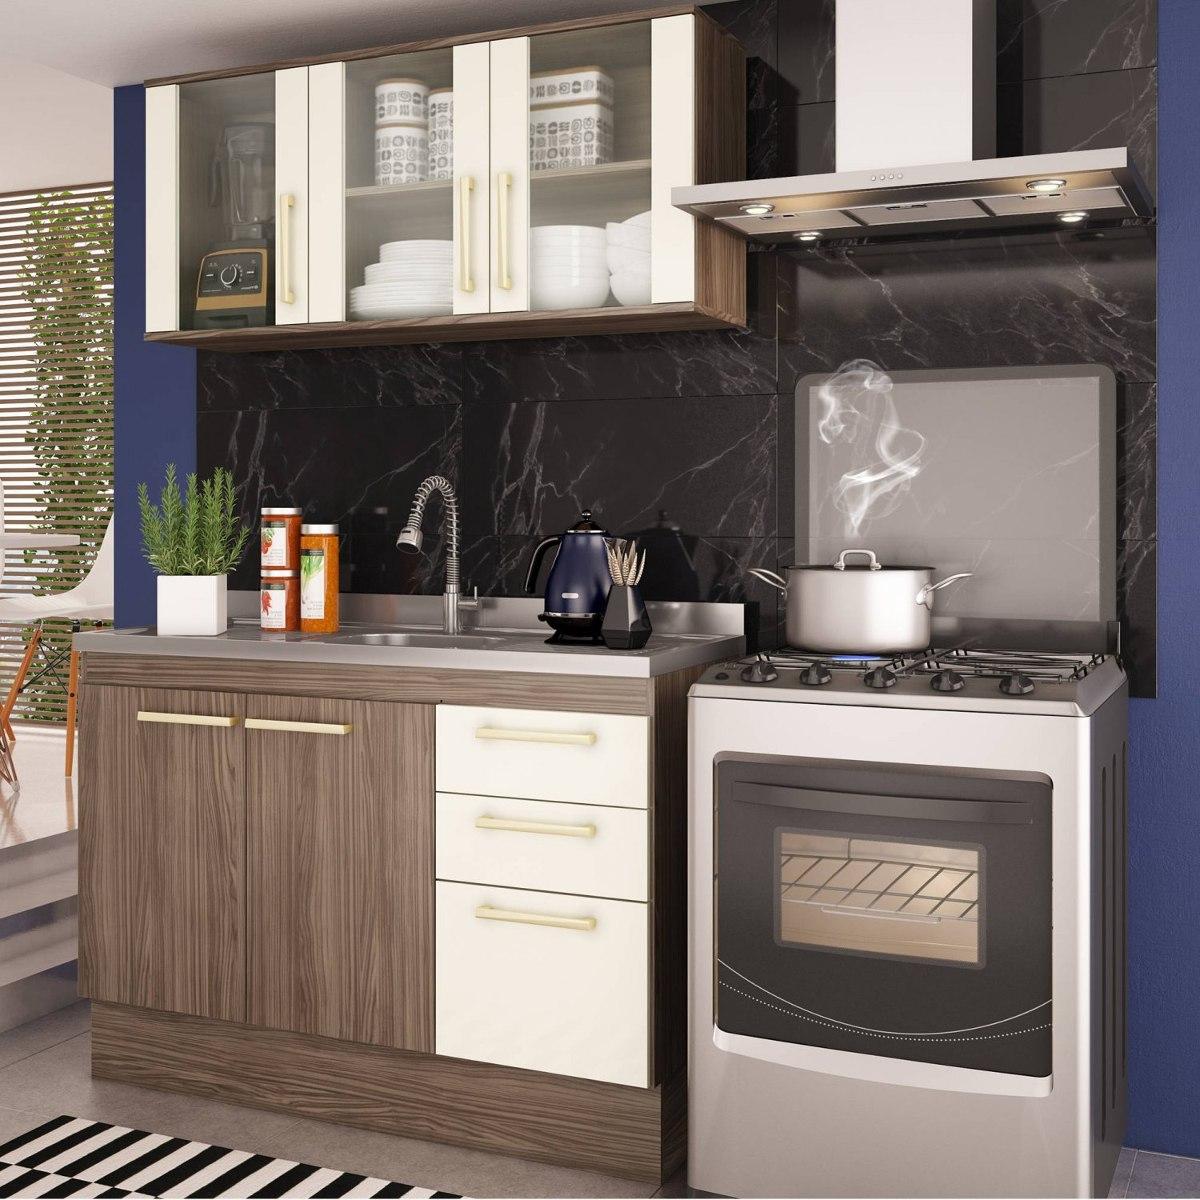 Cozinha Compacta 2 Pe As Zafira A1891 Casamia N O Cg R 469 90 Em